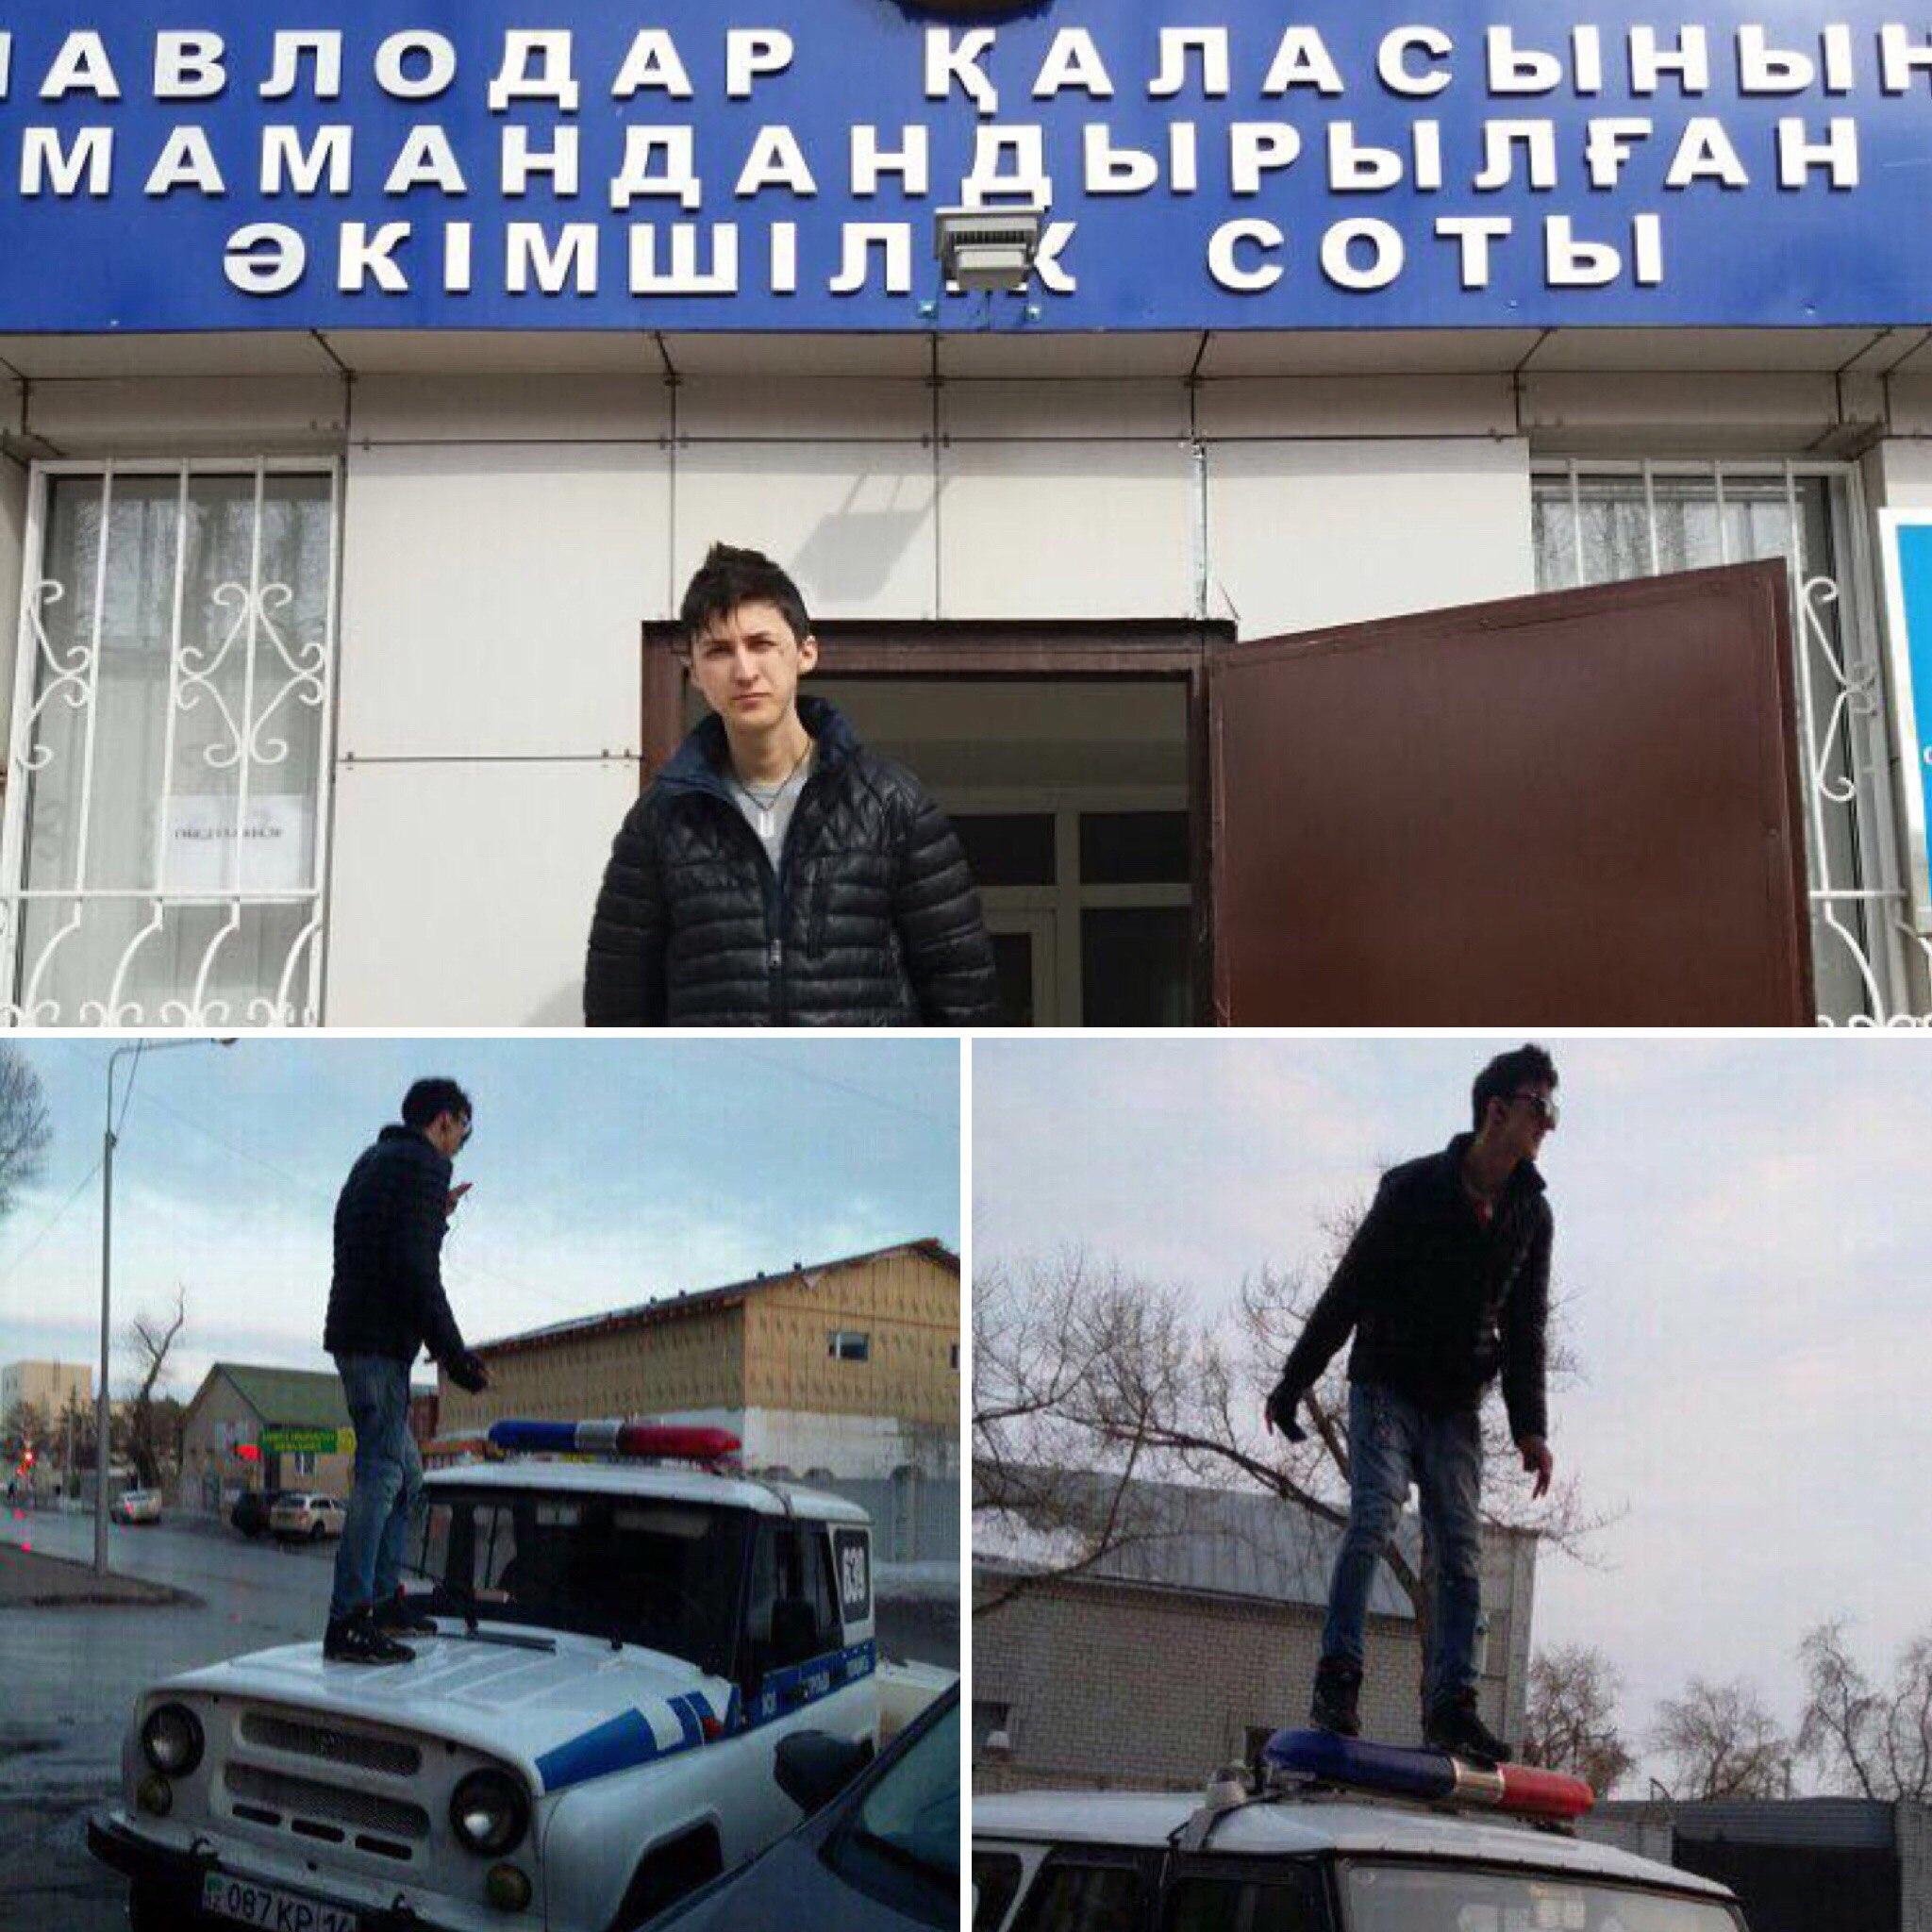 ВПавлодаре мужчина получил 10 суток заселфи накрыше полицейской машины